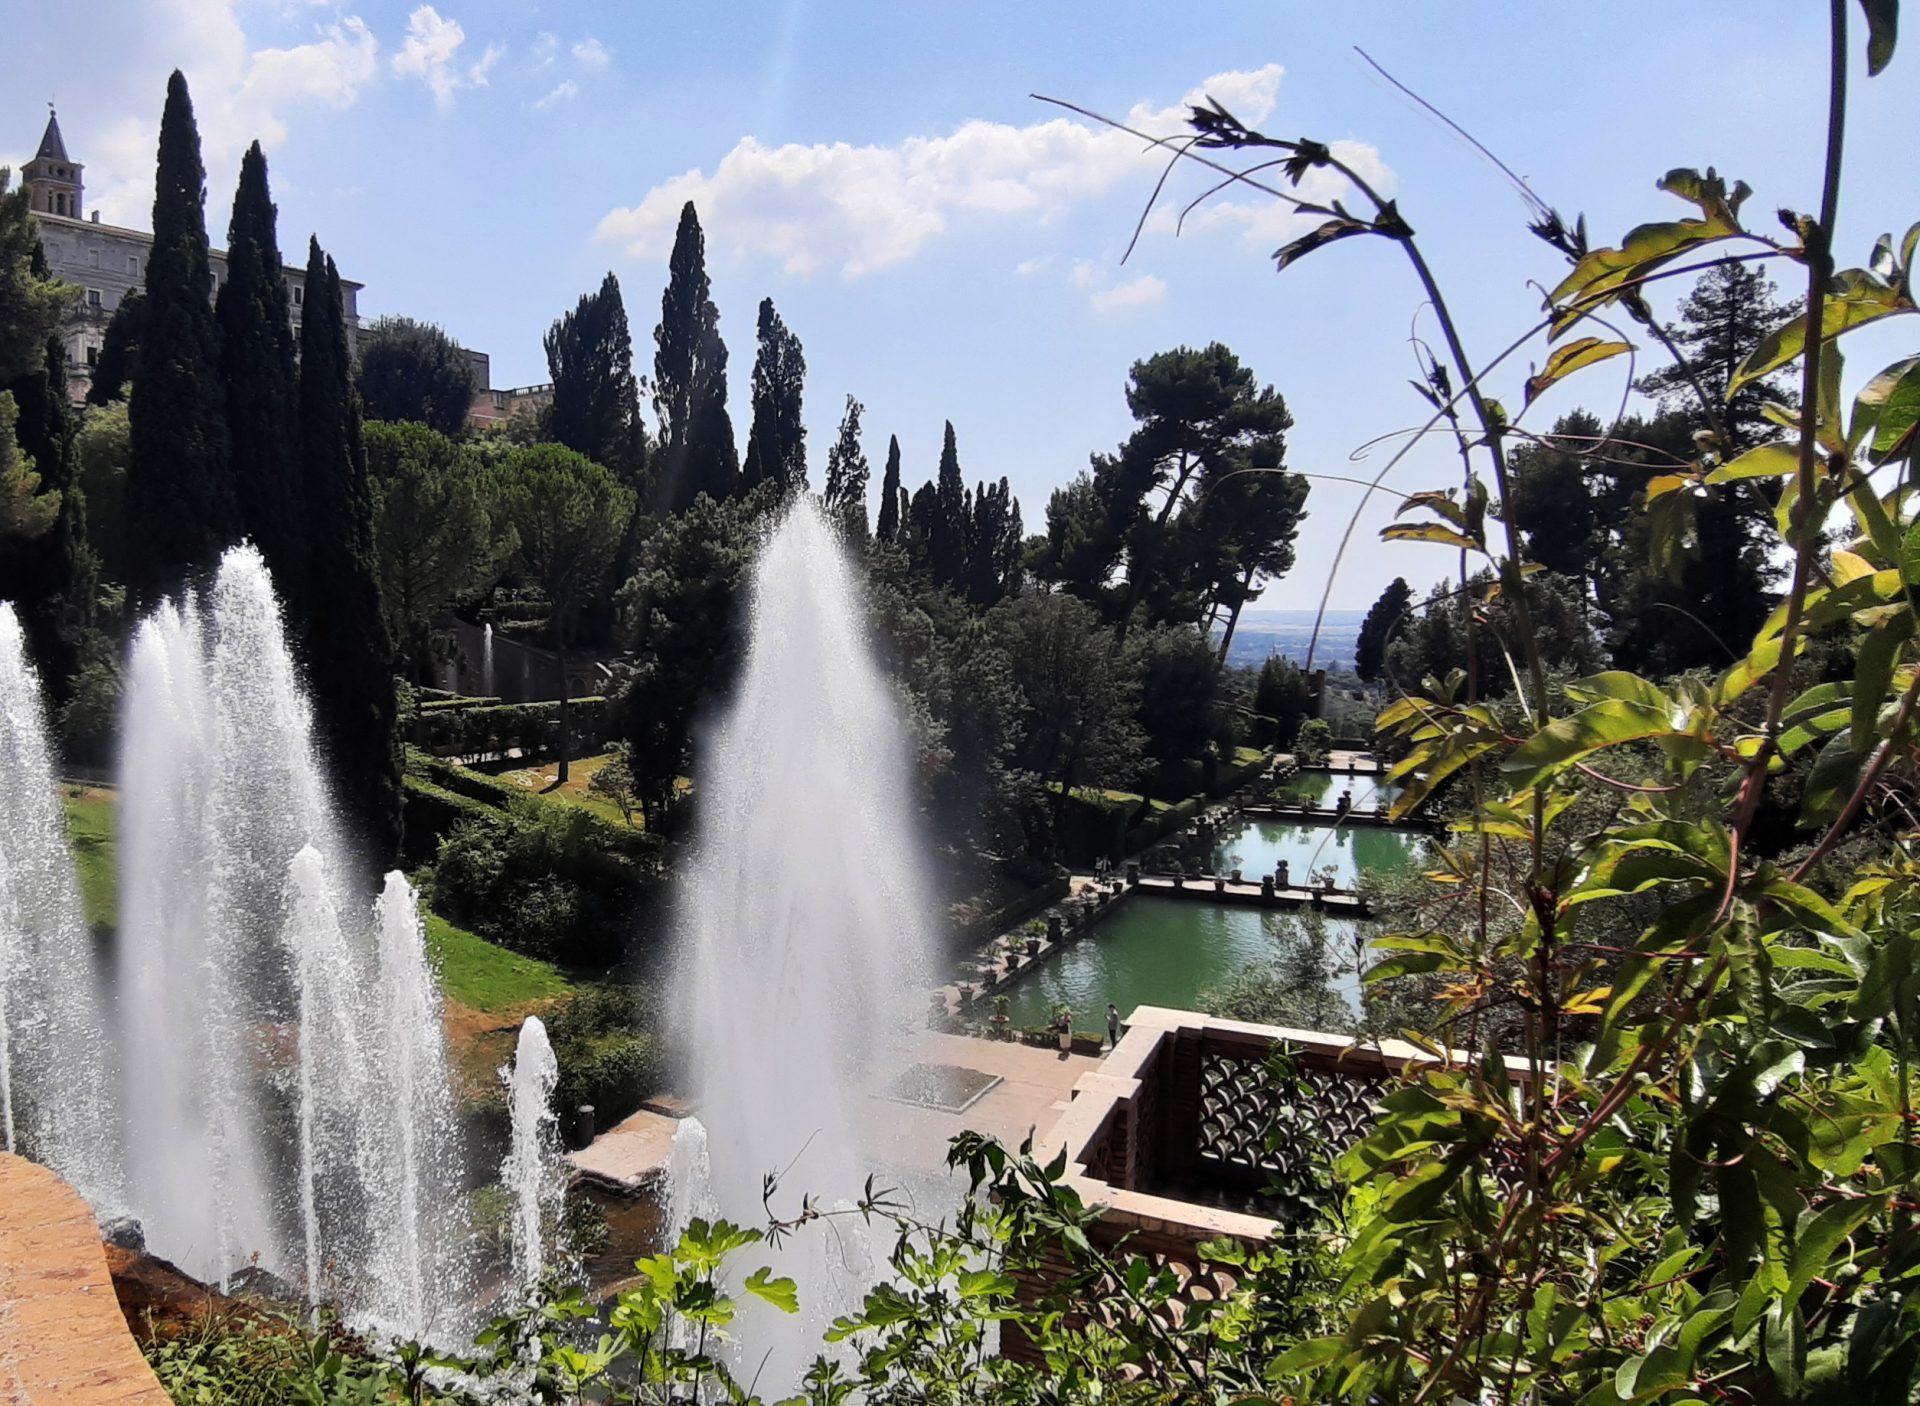 #eccellenzeestensi oltre il Ducato Estense: Villa d'Este a Tivoli